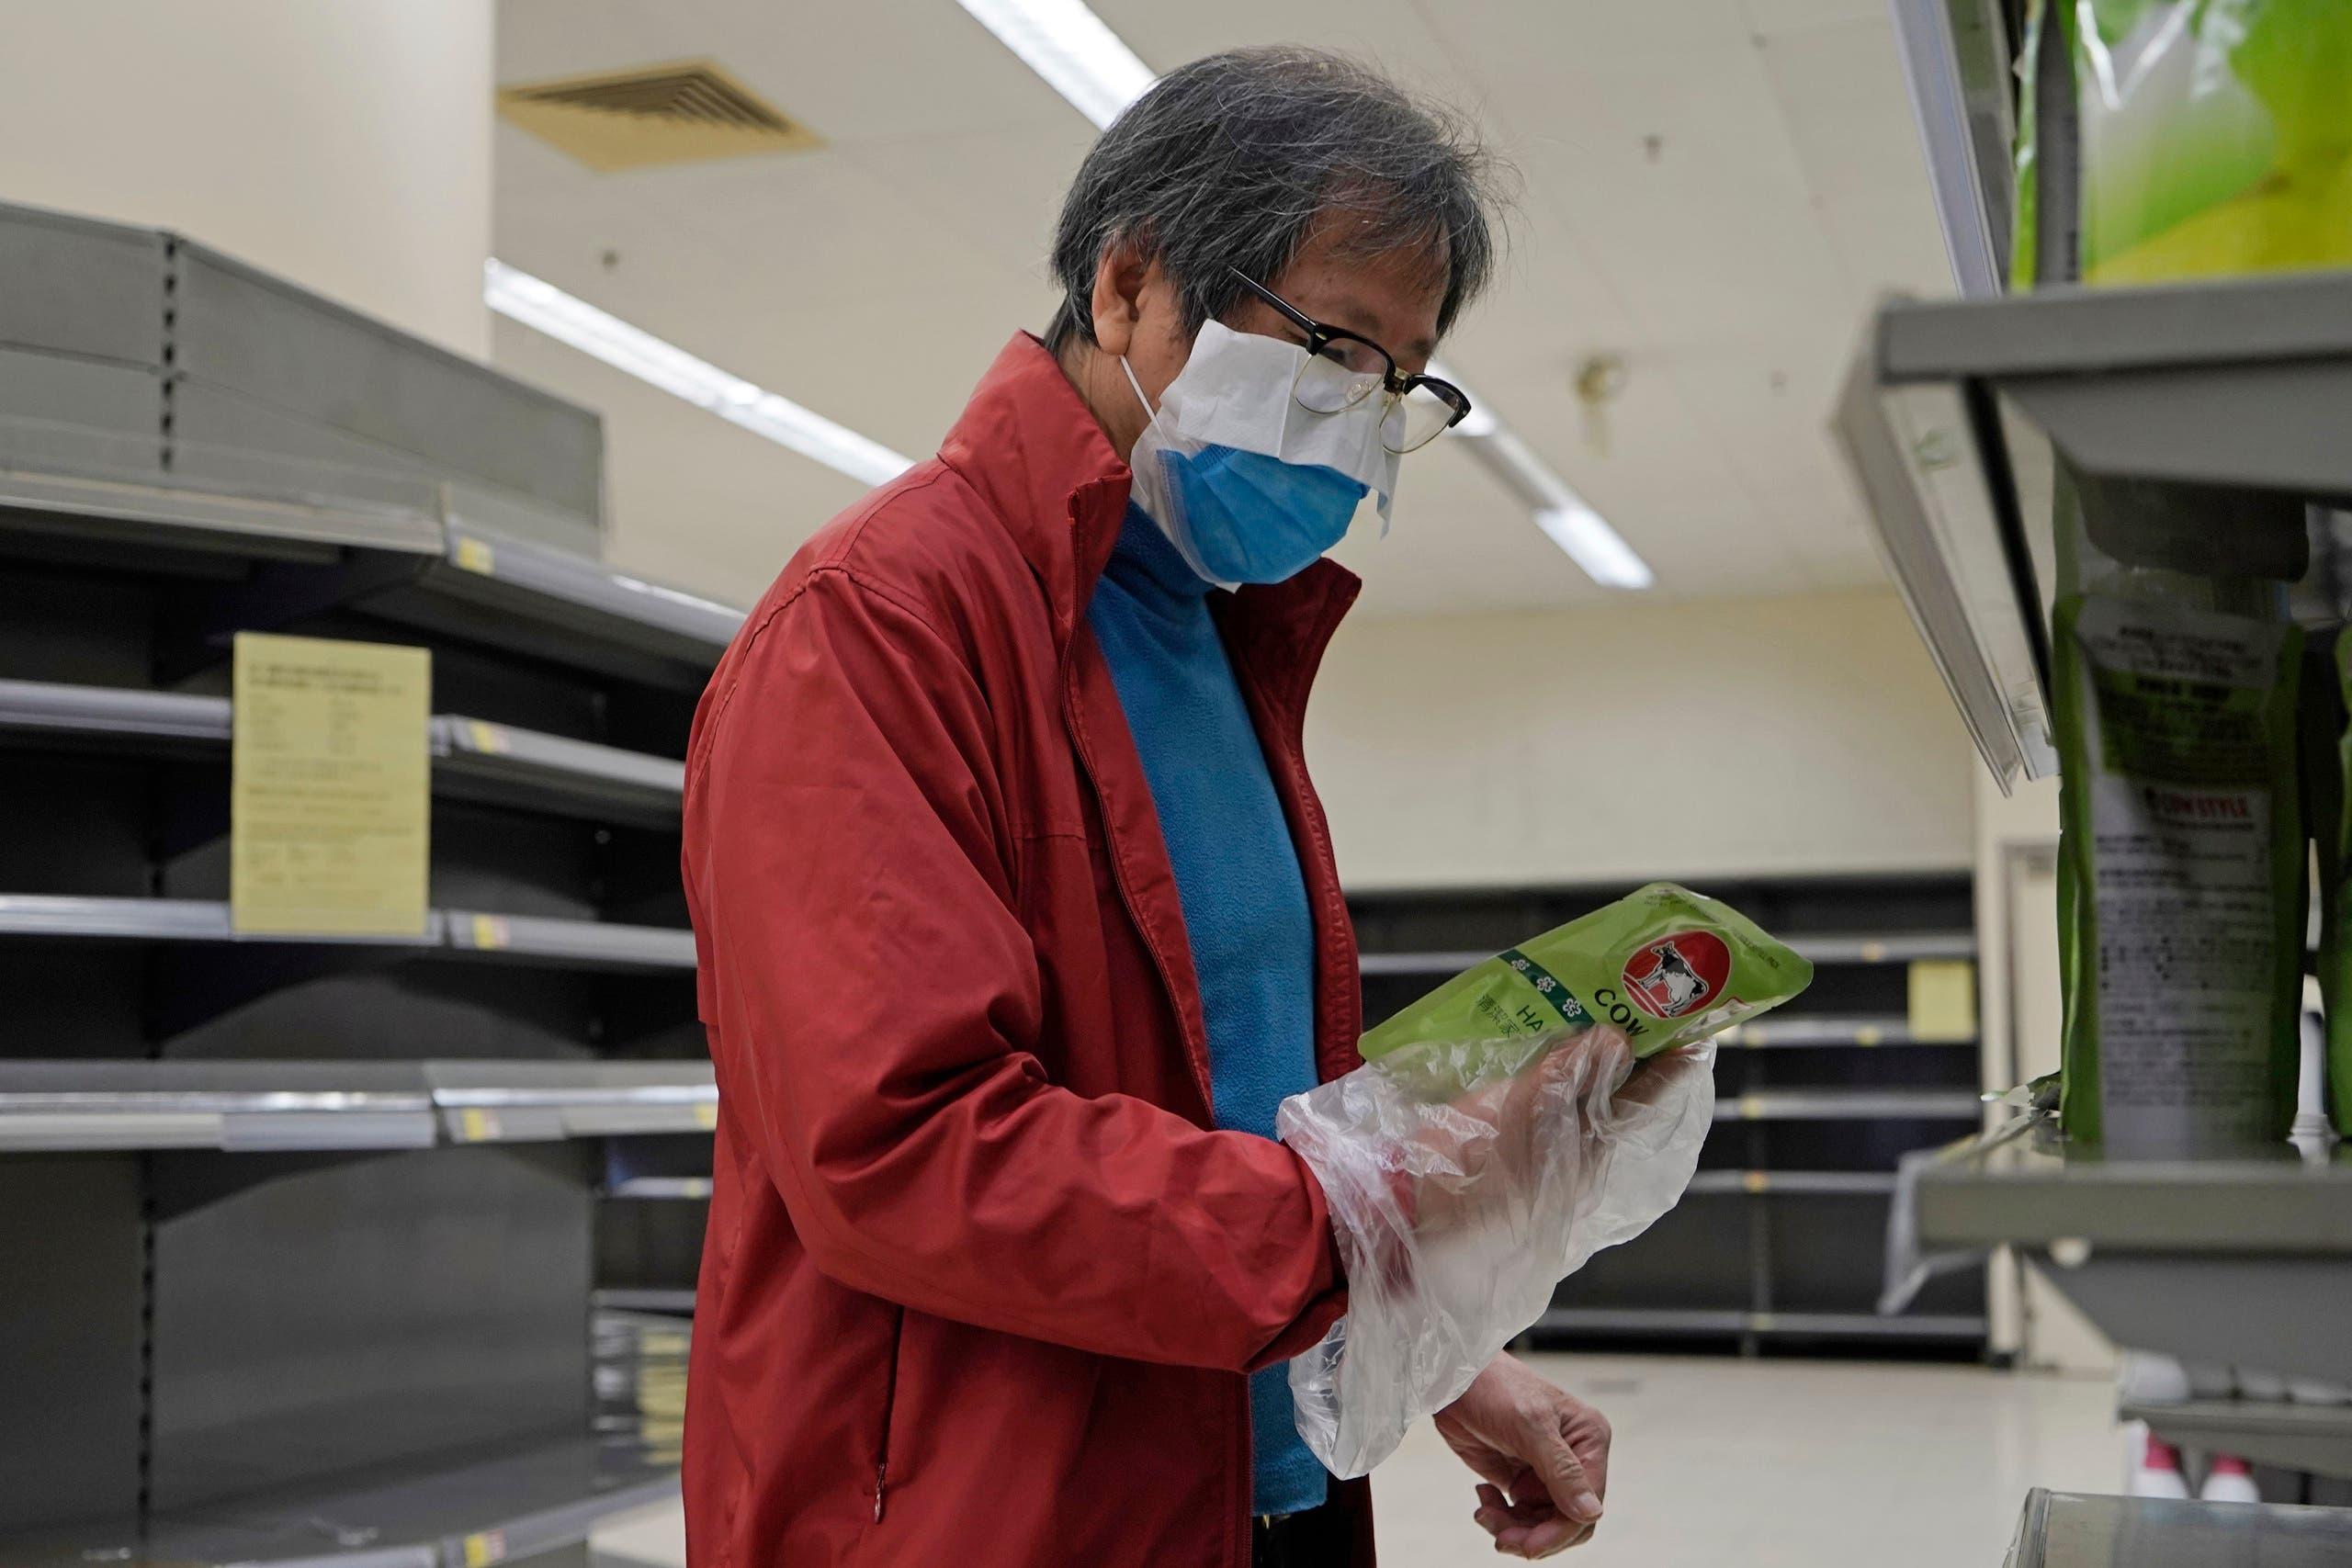 رجل يرتدي قناع طبي وكيس من البلاستيك وهو يعاين أحد المنتجات في سوبر ماركت بهونغ كونغ